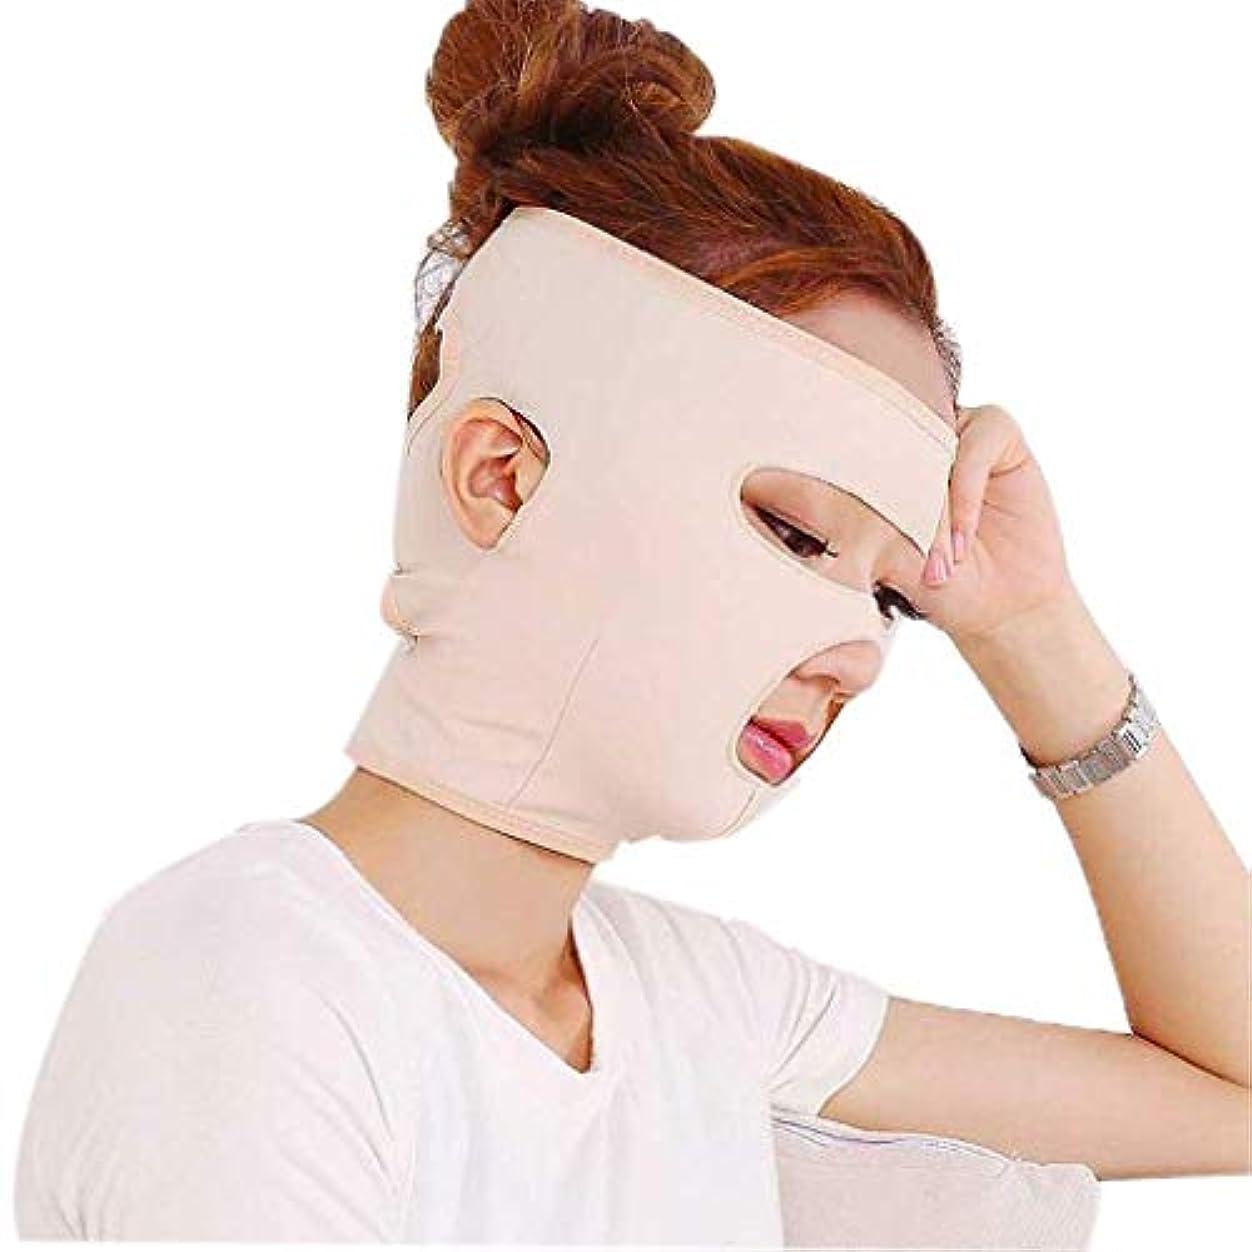 デッキ気になる上向きフェイスリフティングマスク、フルフェイス通気性の術後回復包帯リフティング引き締め肌の減少により小さなVフェイスマスクを作成(サイズ:L)